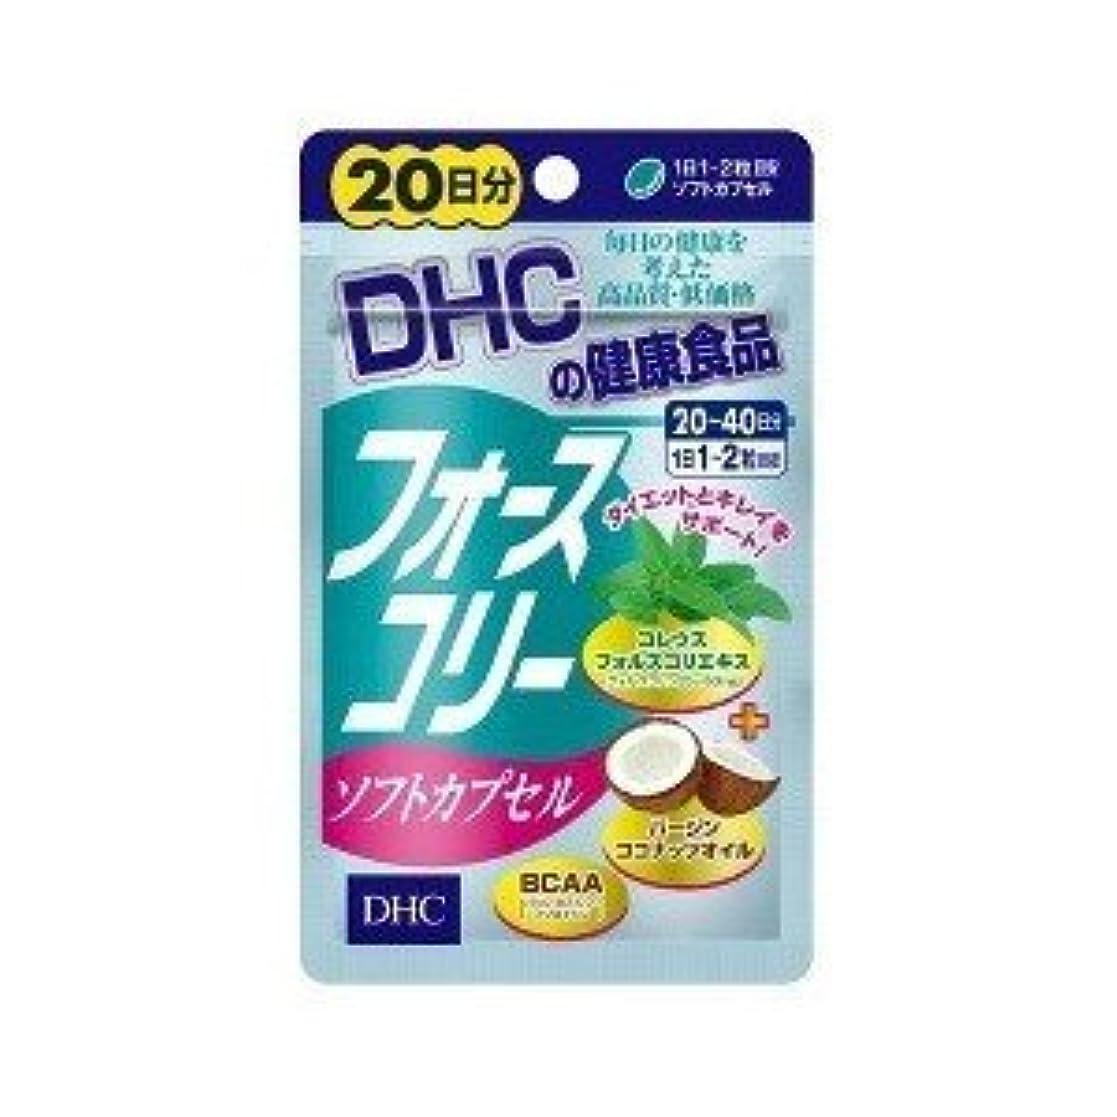 治すリングバック乱れ(2017年春の新商品)DHC フォースコリー ソフトカプセル 20日分 40粒